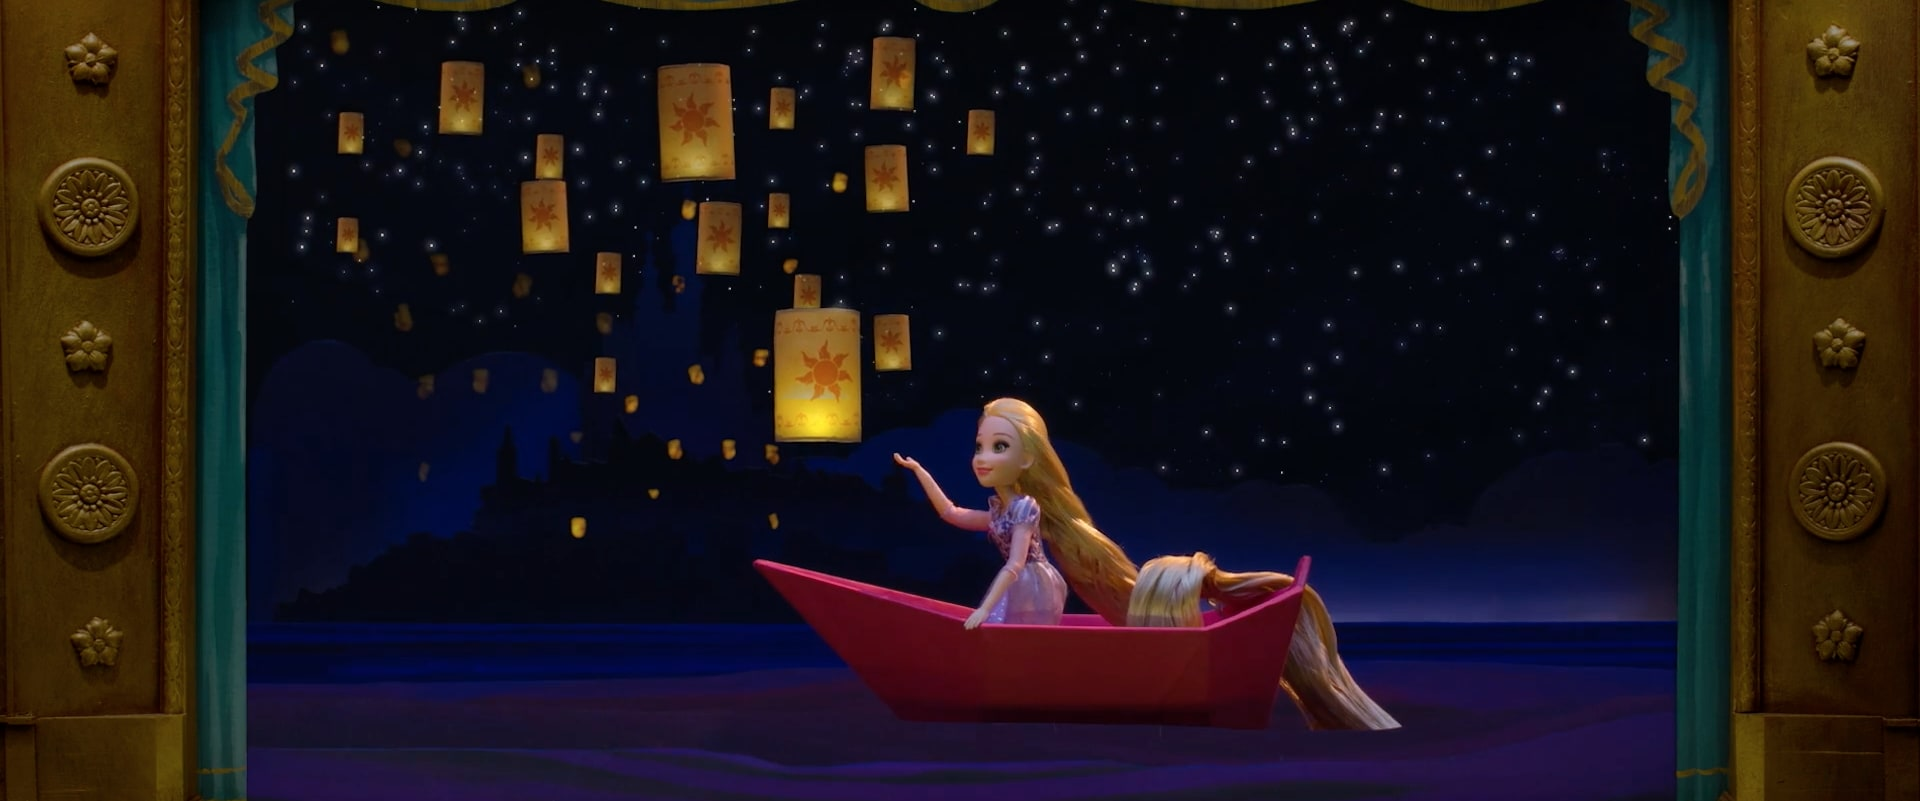 Lánzate a la aventura - Soy Princesa siendo yo